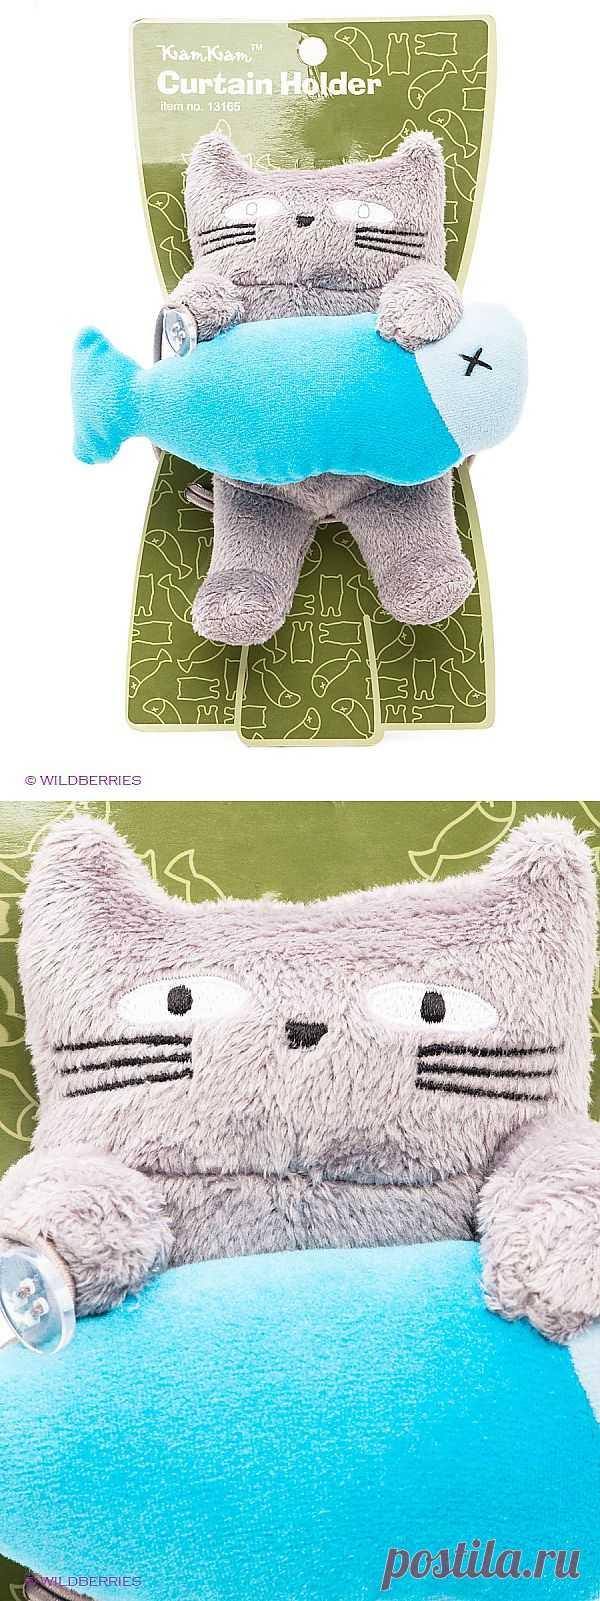 Забавный кот - держатель штор в детской